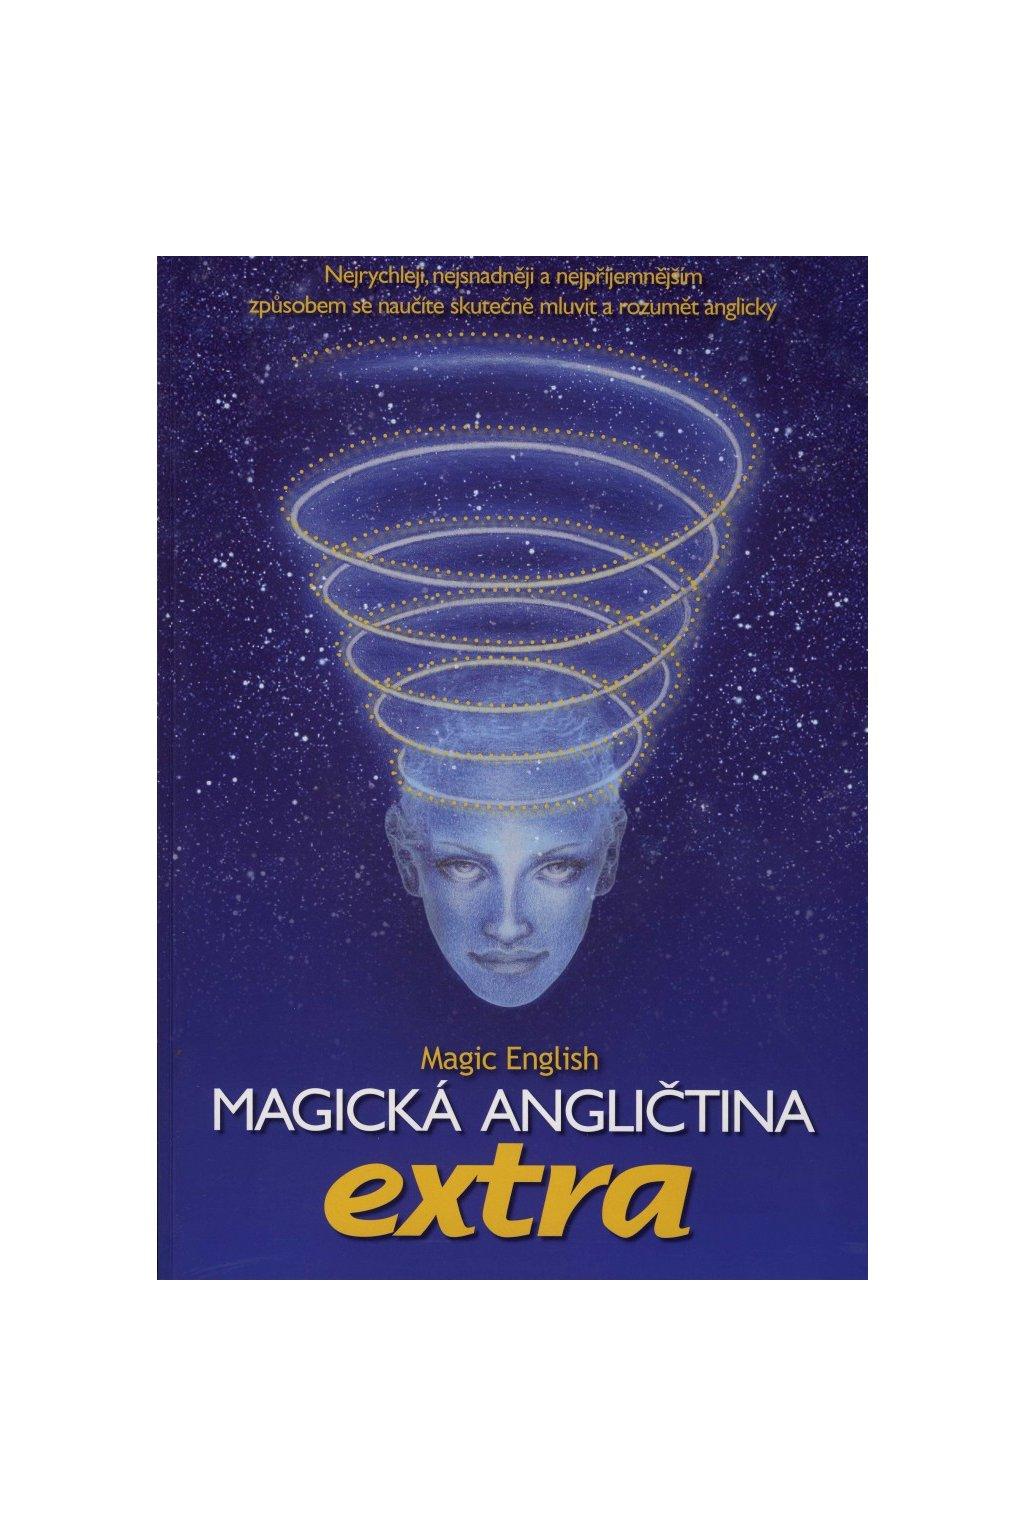 248 magicka anglictina extra